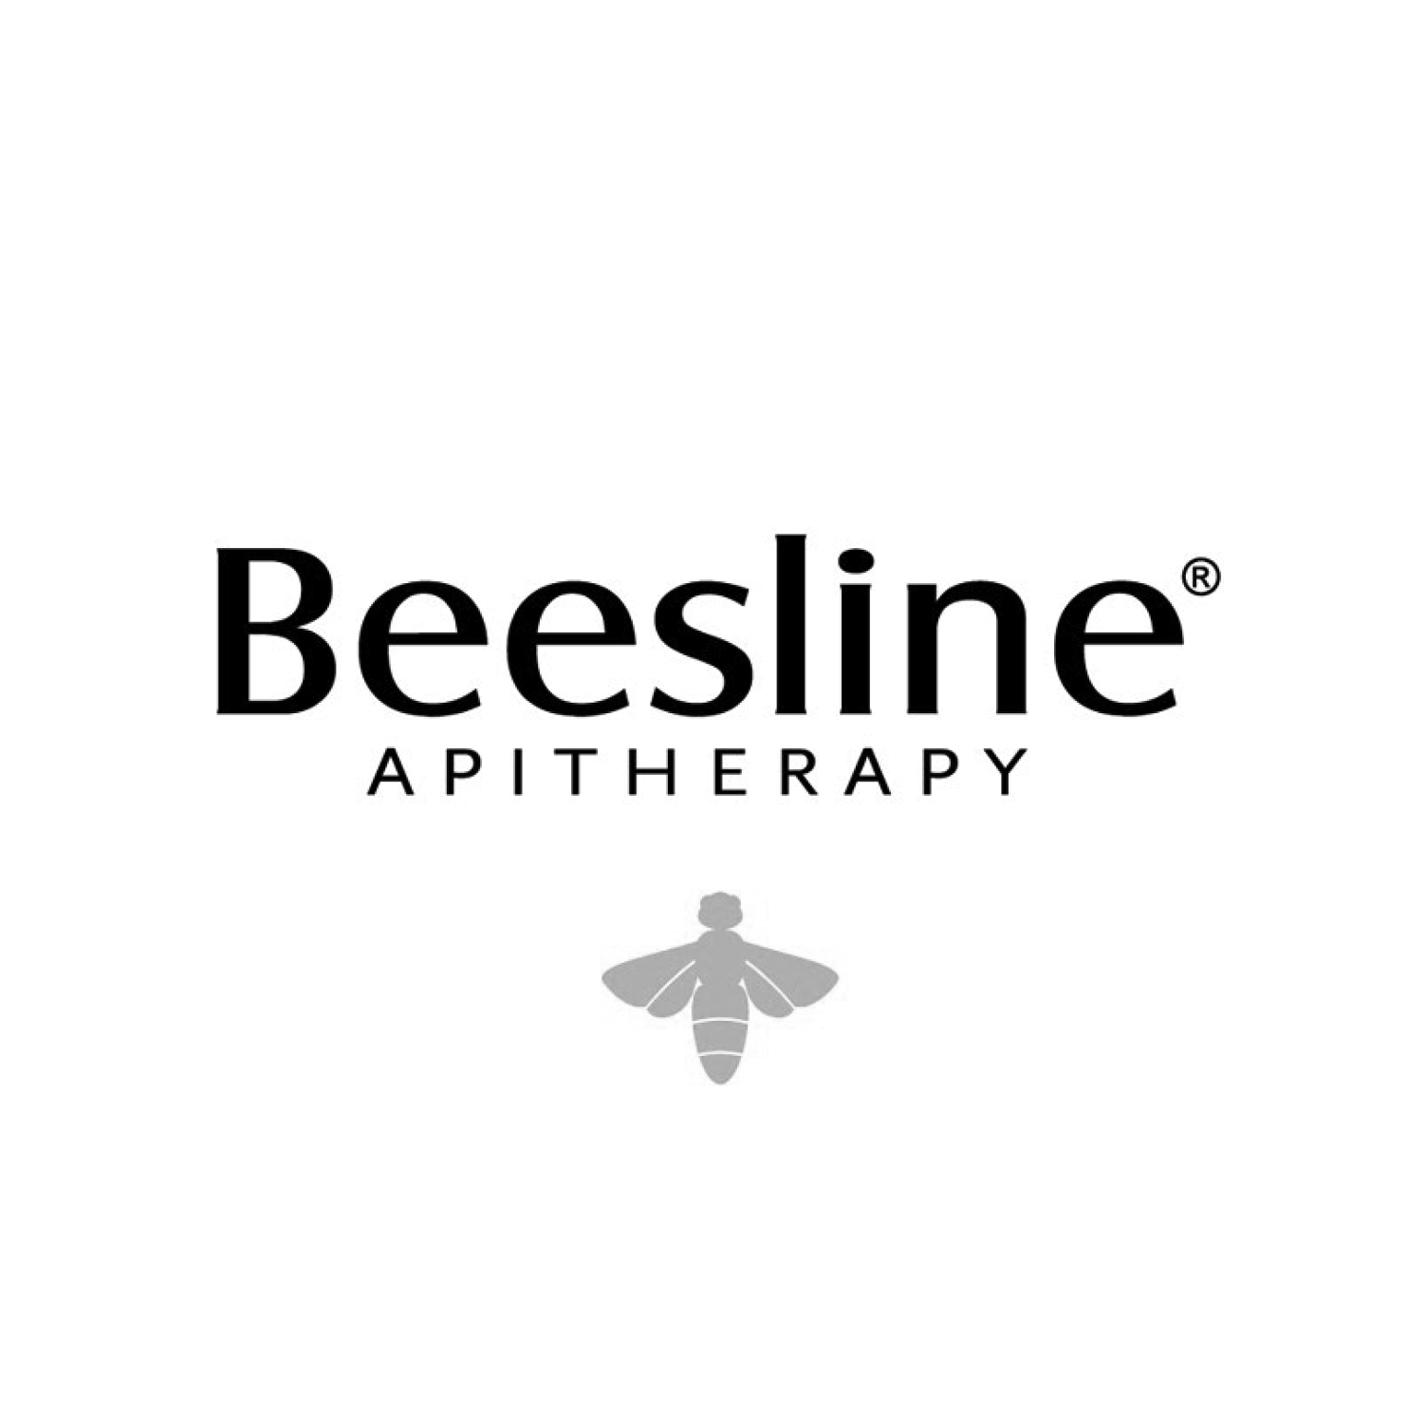 Bessline